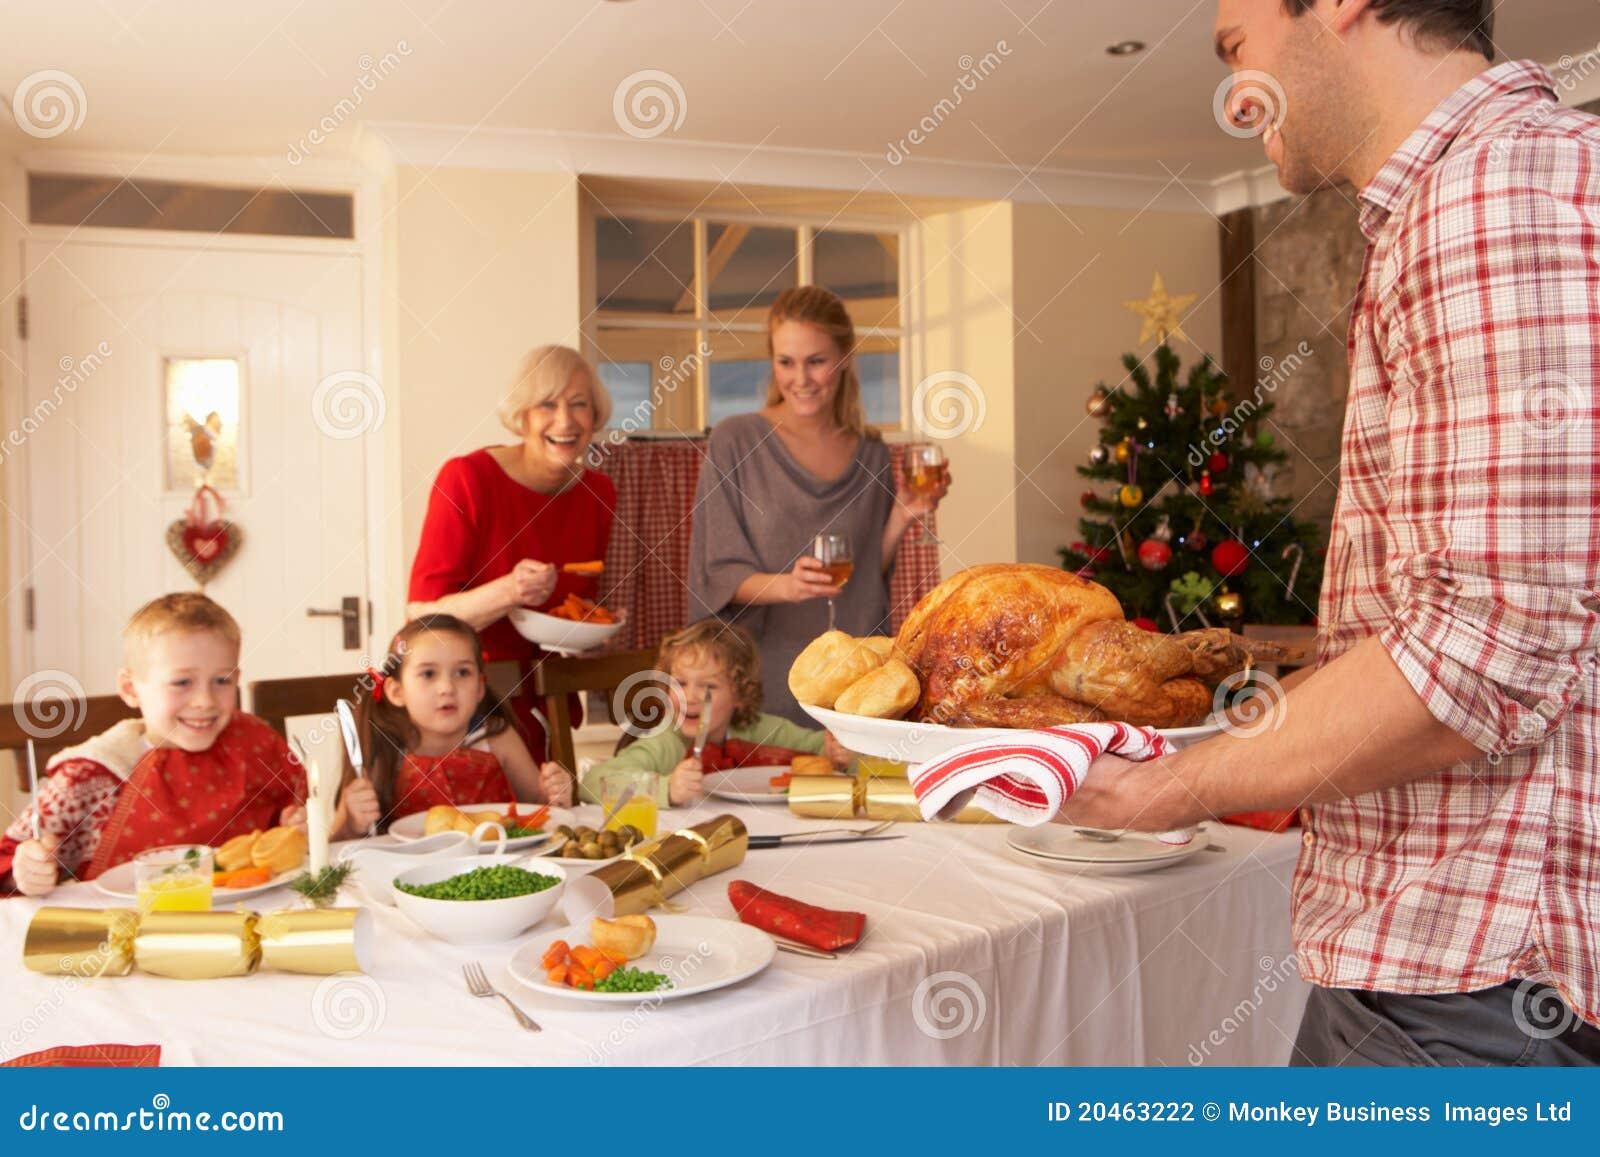 Familie, Die Weihnachtszu Abend Isst Stockfoto - Bild von